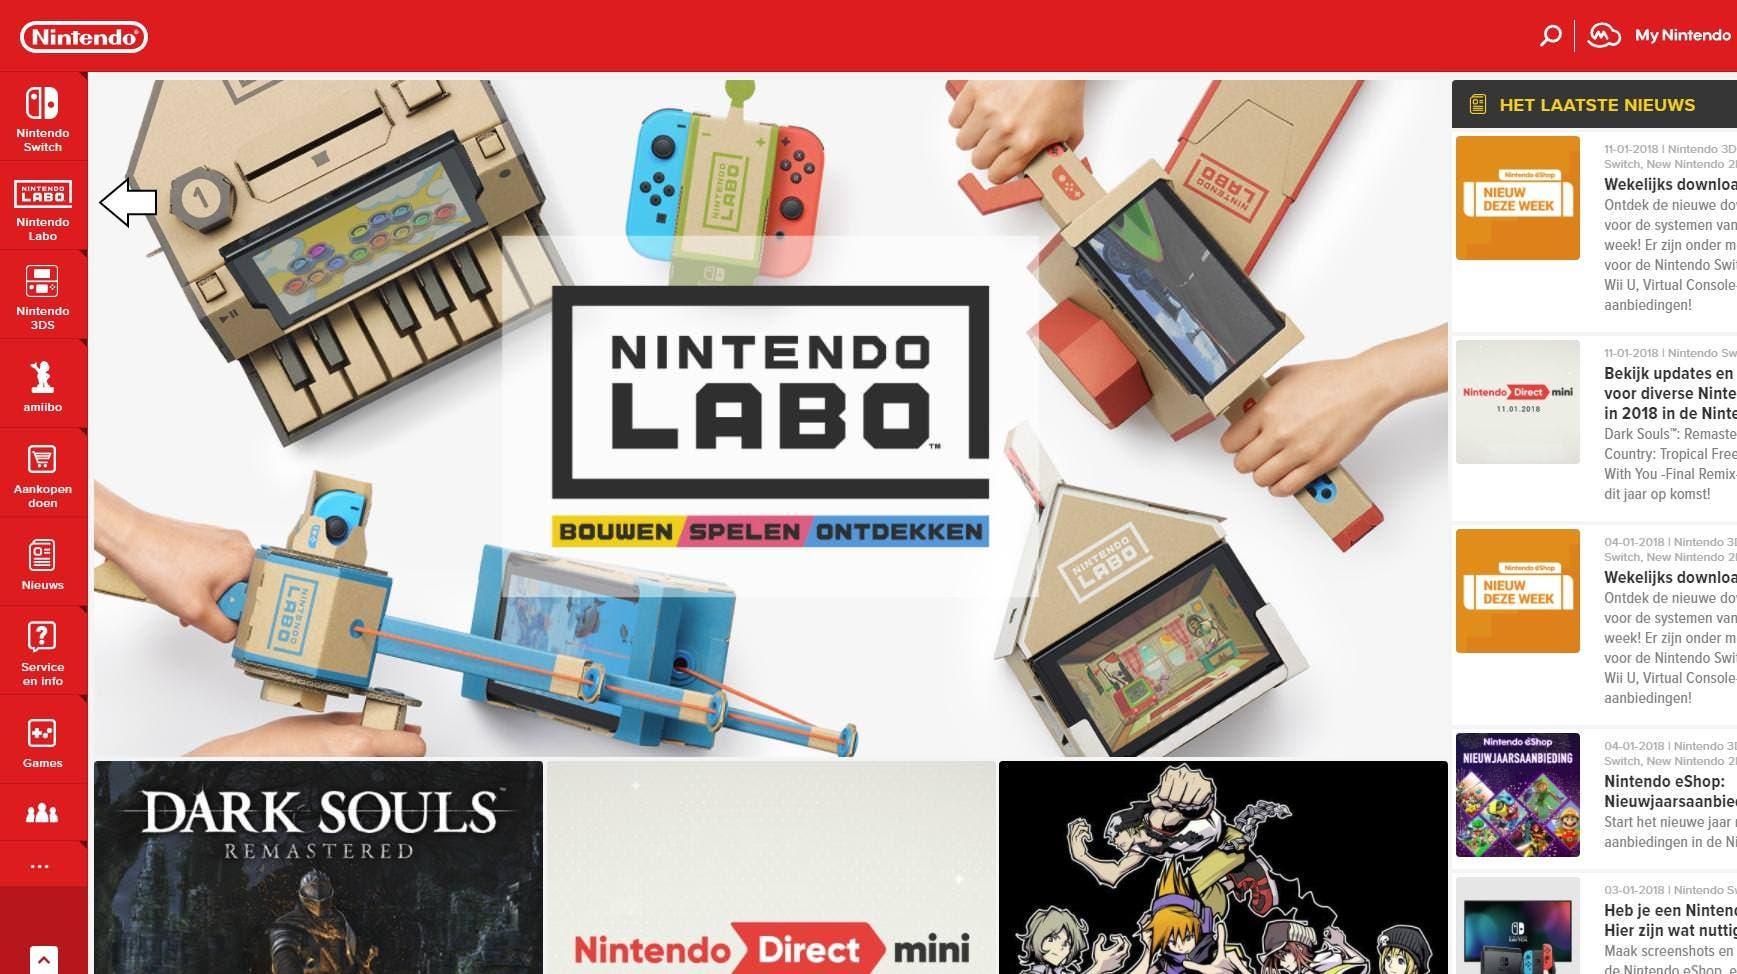 El sitio web europeo de Nintendo reemplaza la sección de Wii U de su menú por una de Nintendo Labo